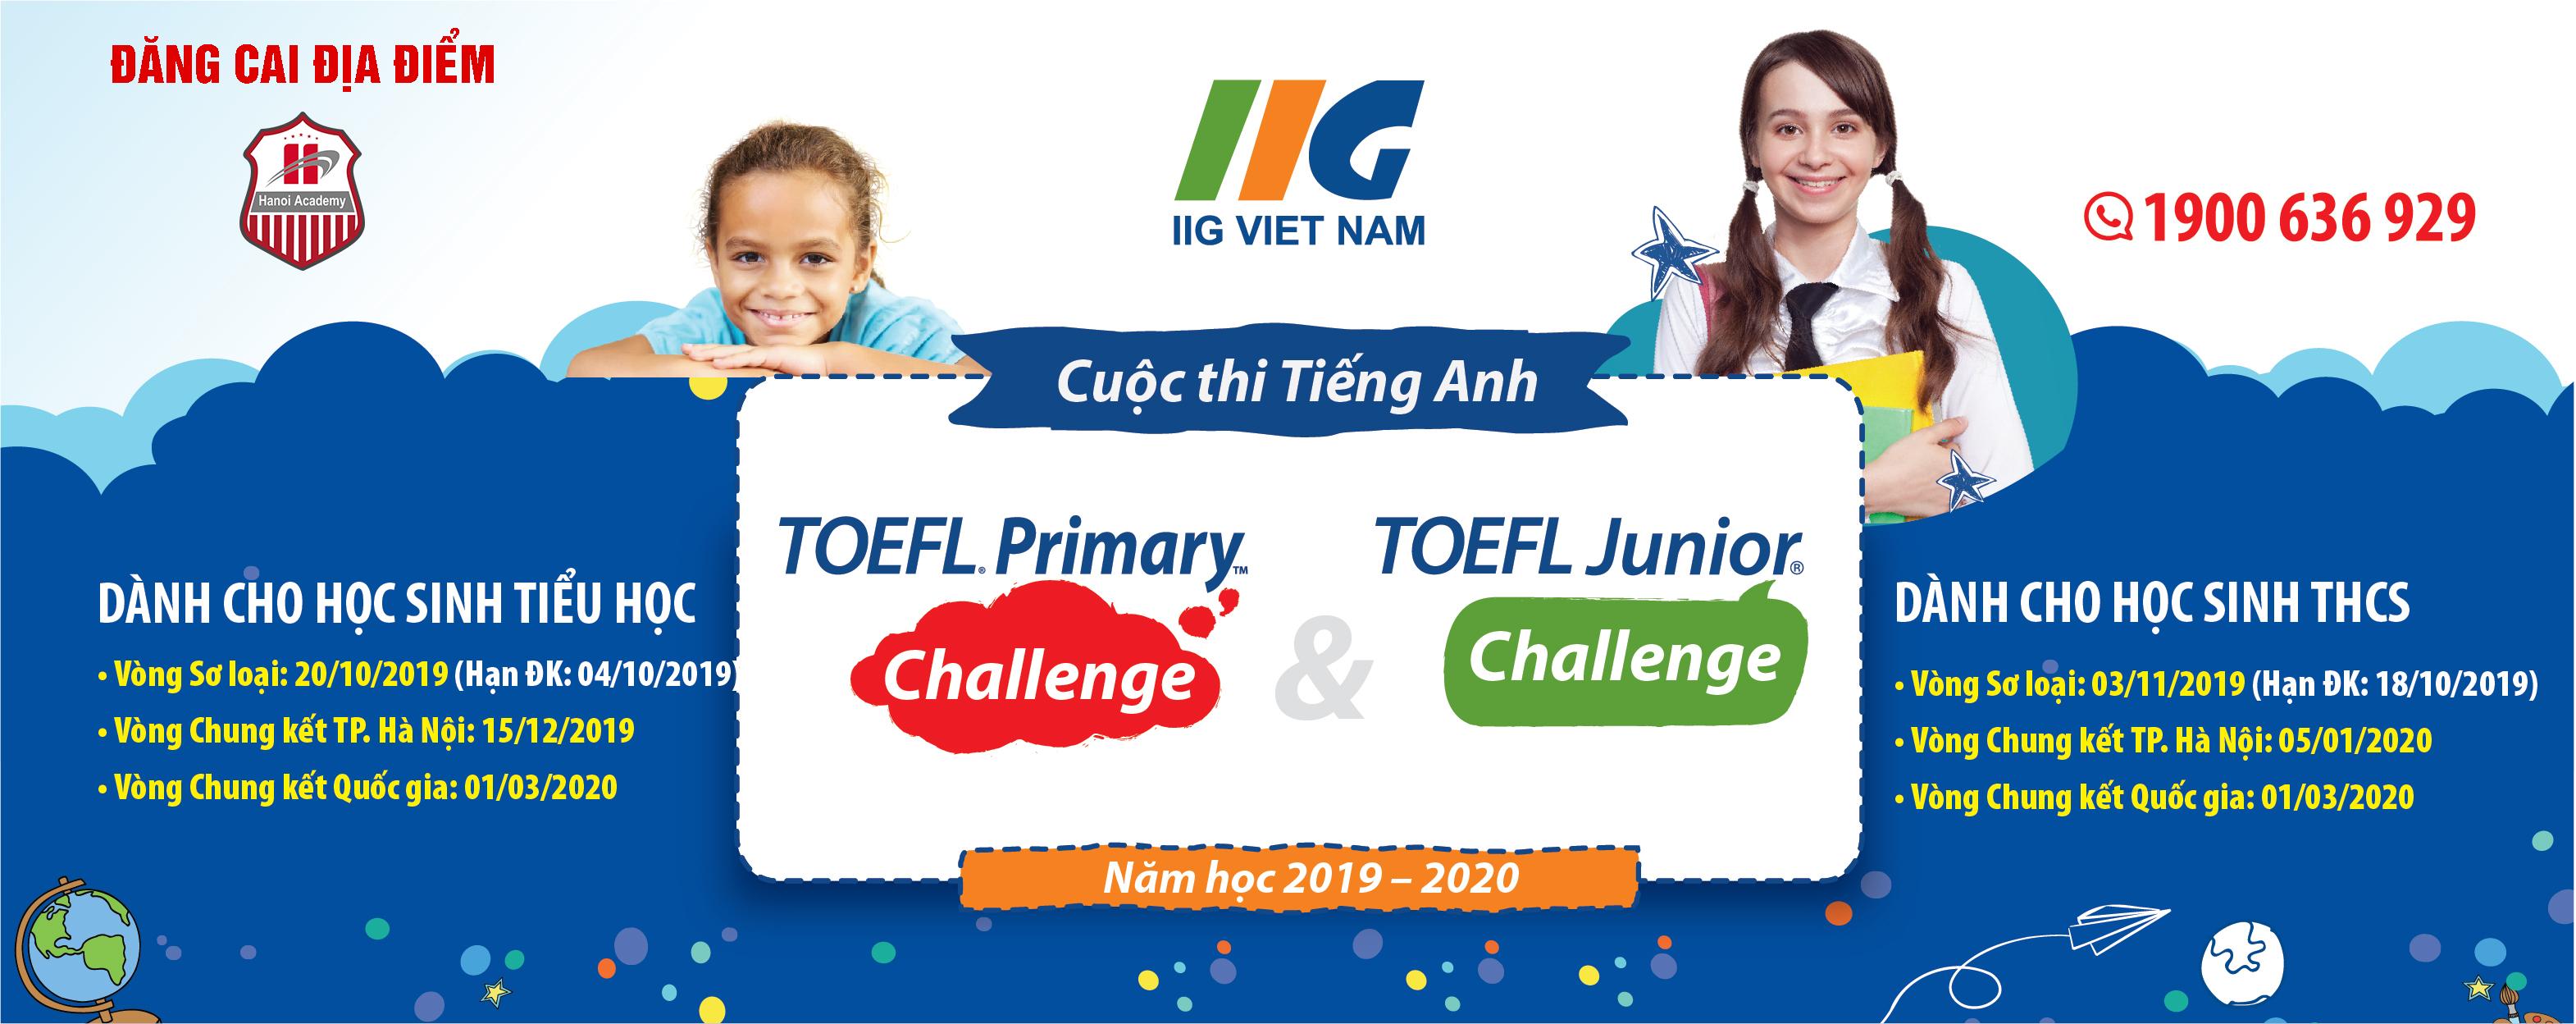 HANOI ACADEMY ĐĂNG CAI ĐỊA ĐIỂM TỔ CHỨC CUỘC THI TOEFL PRIMARY VÀ TOEFL JUNIOR 2019-2020